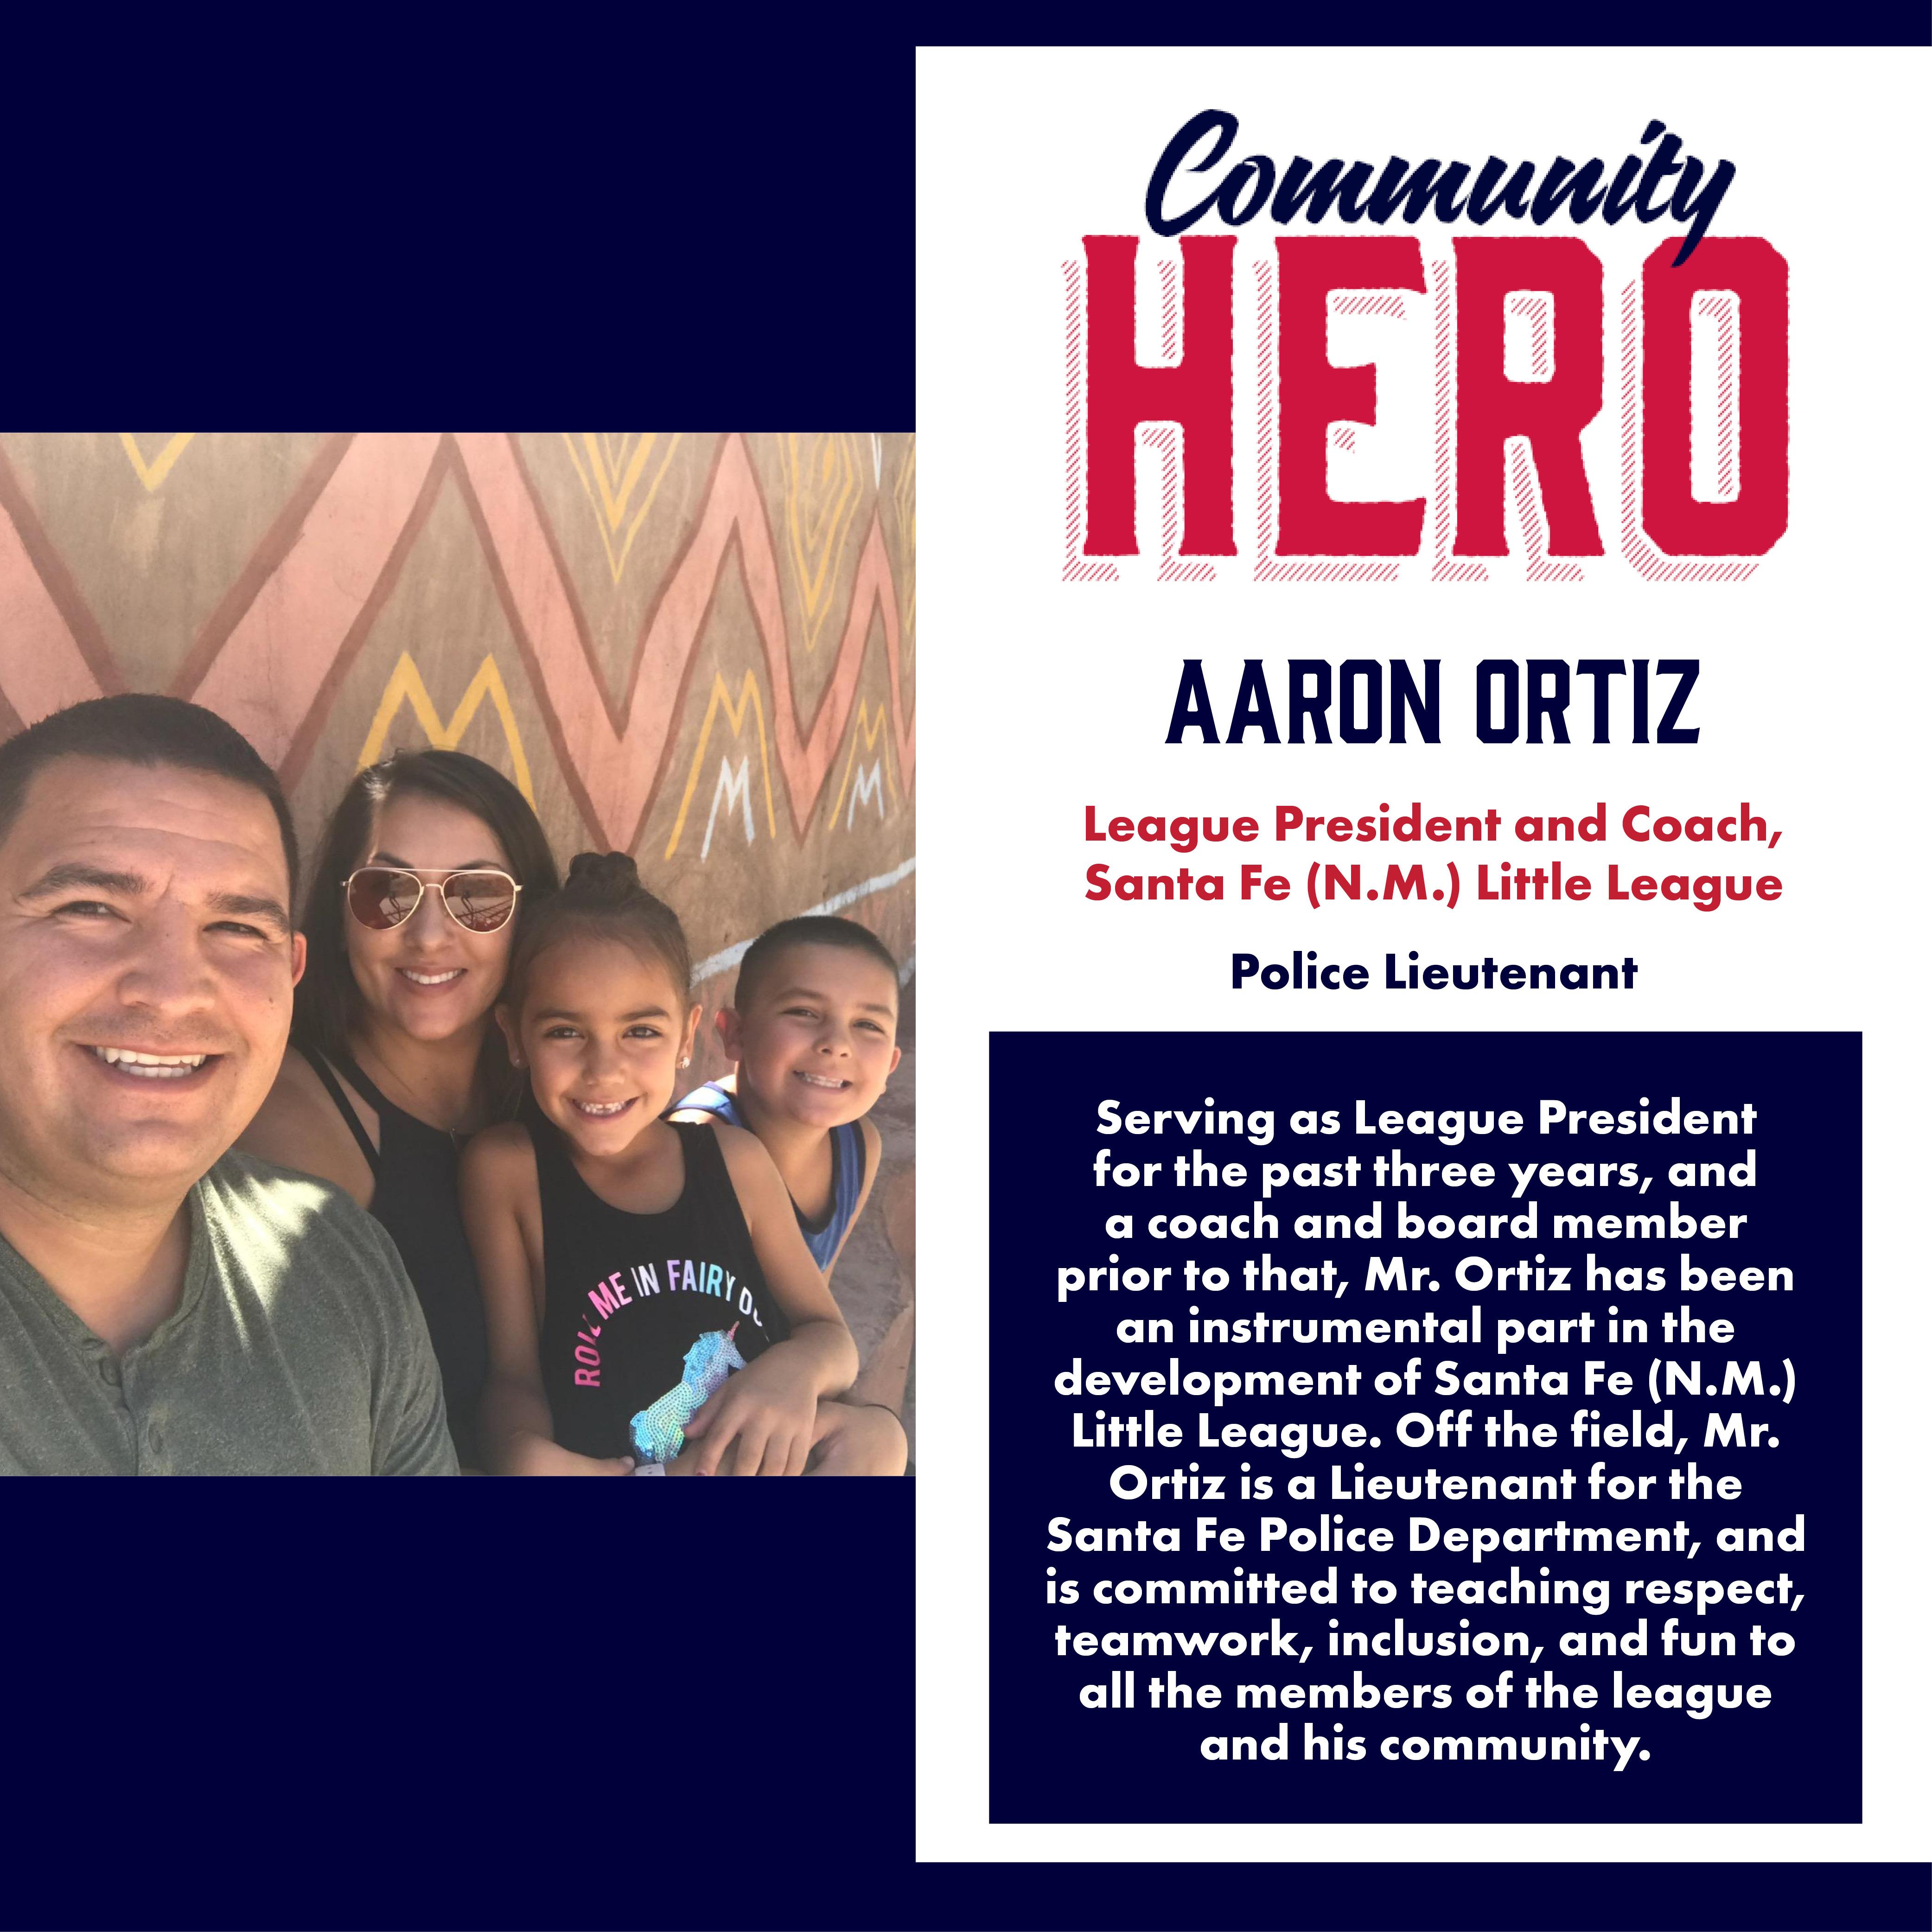 Aaron Ortiz Community Hero